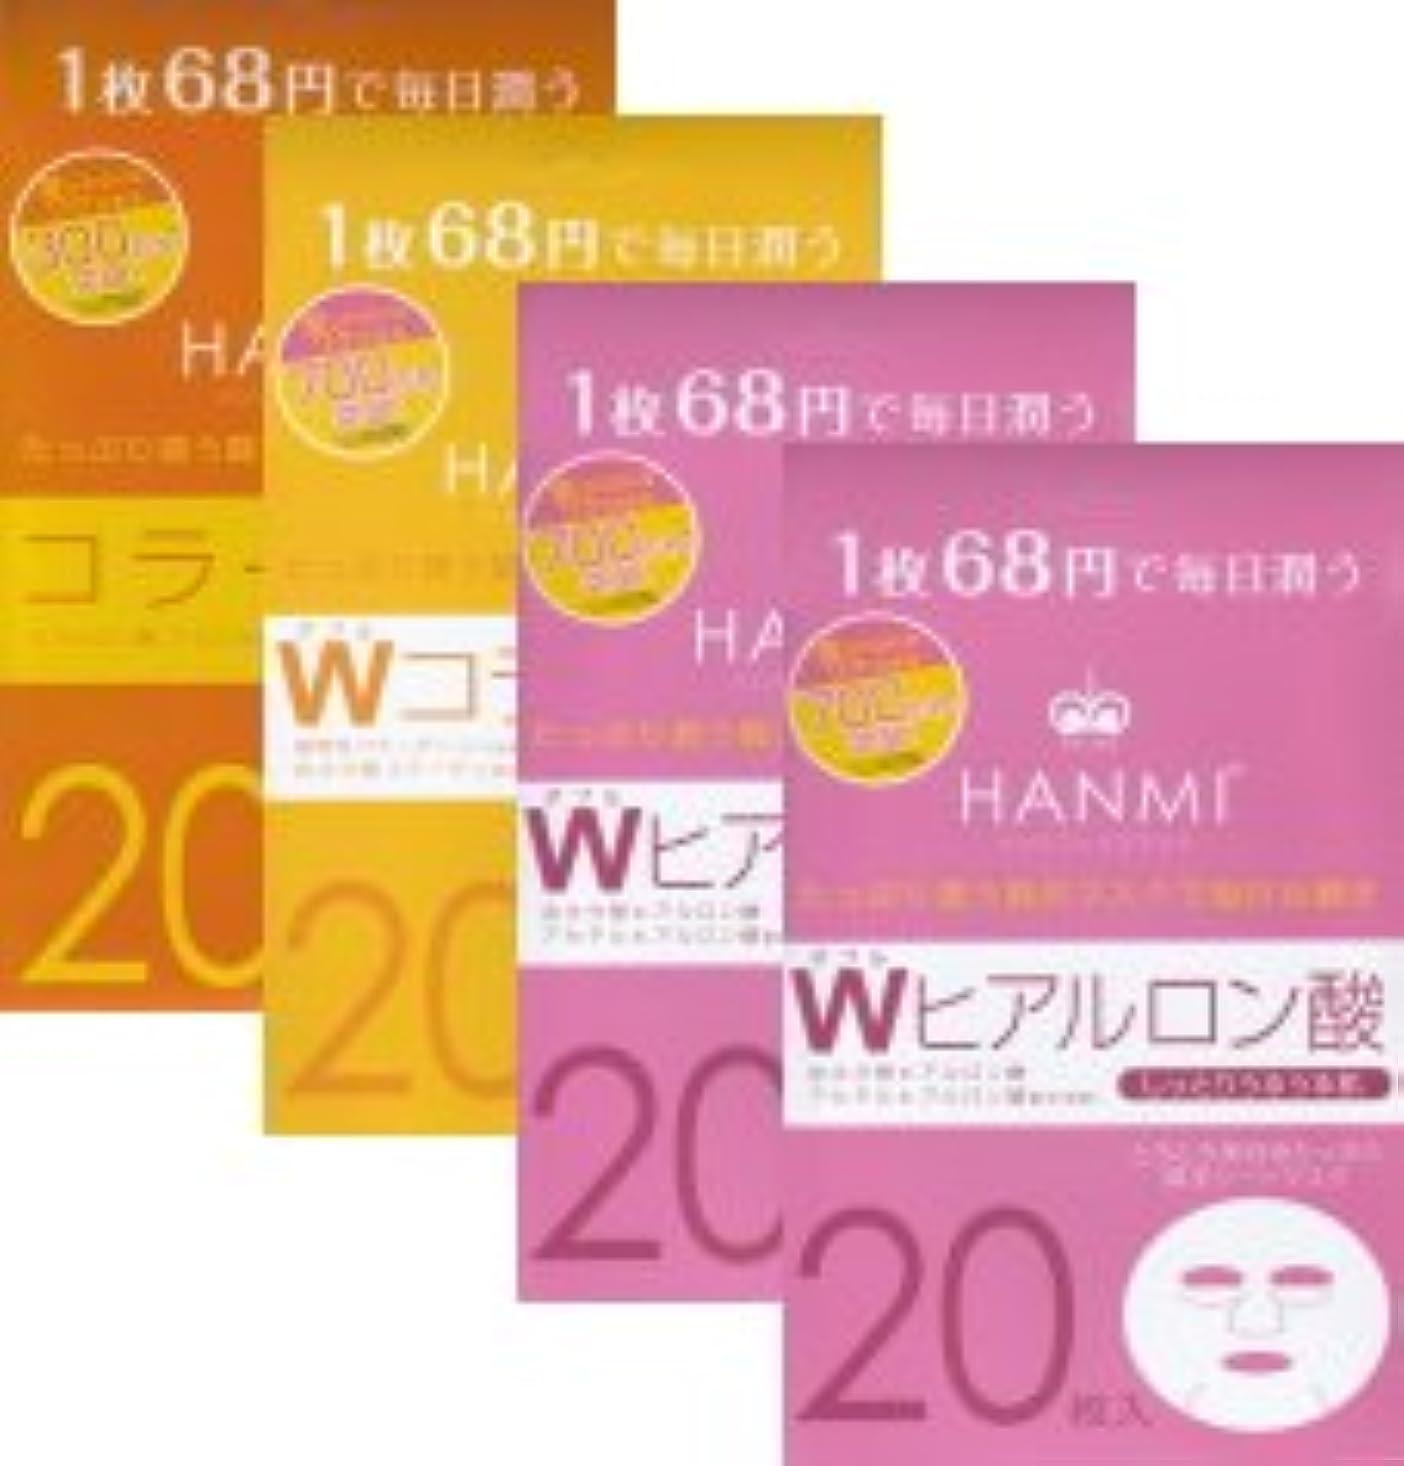 マルコポーロステッチ腹痛MIGAKI ハンミフェイスマスク(20枚入り)「コラーゲン×1個」「Wコラーゲン×1個「Wヒアルロン酸×2個」の4個セット